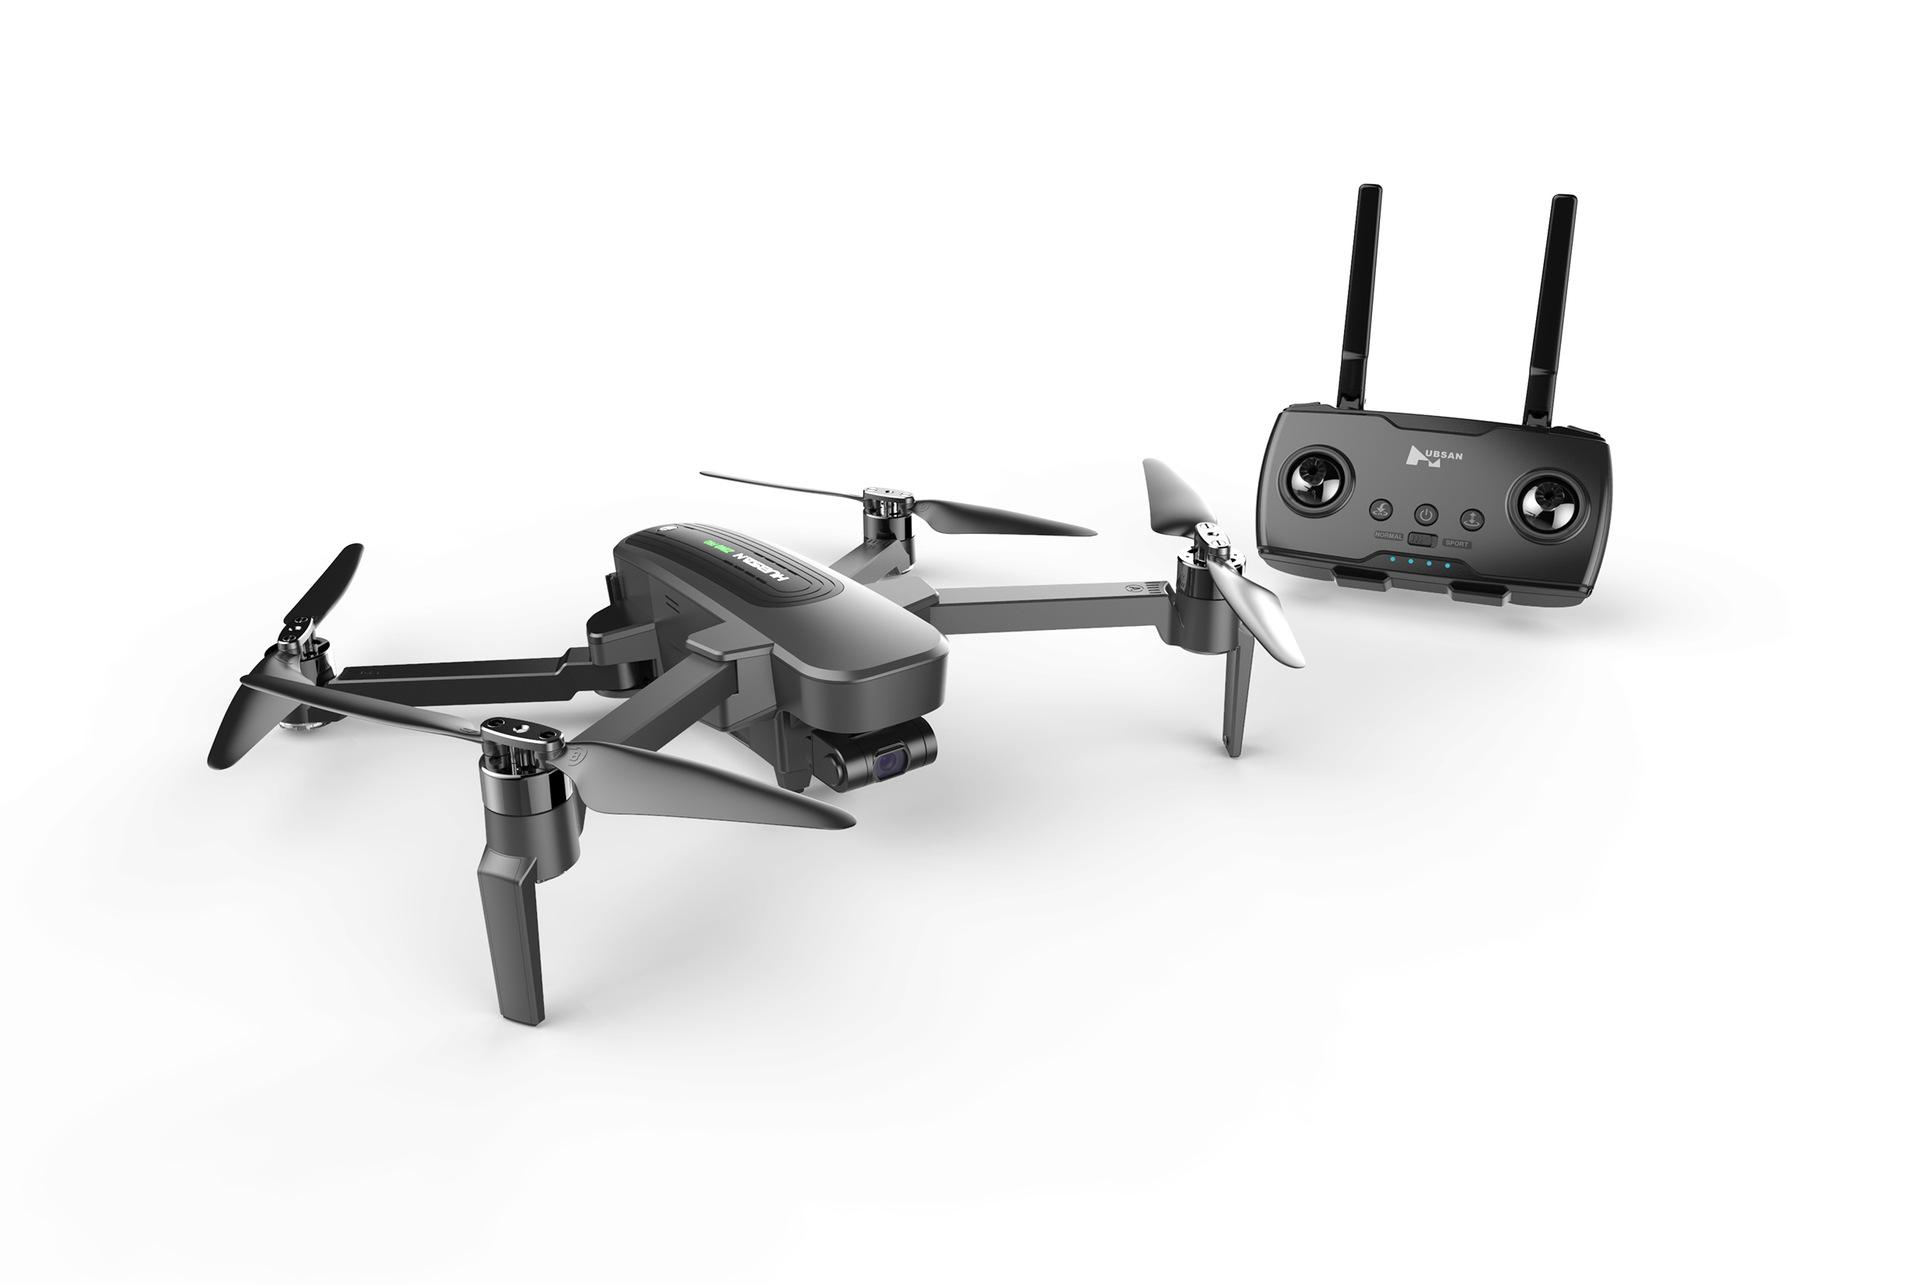 Máy bay Flycam 4K Zino Pro truyền hình ảnh khoảng cách xa chụp ảnh trên không độ nét cao